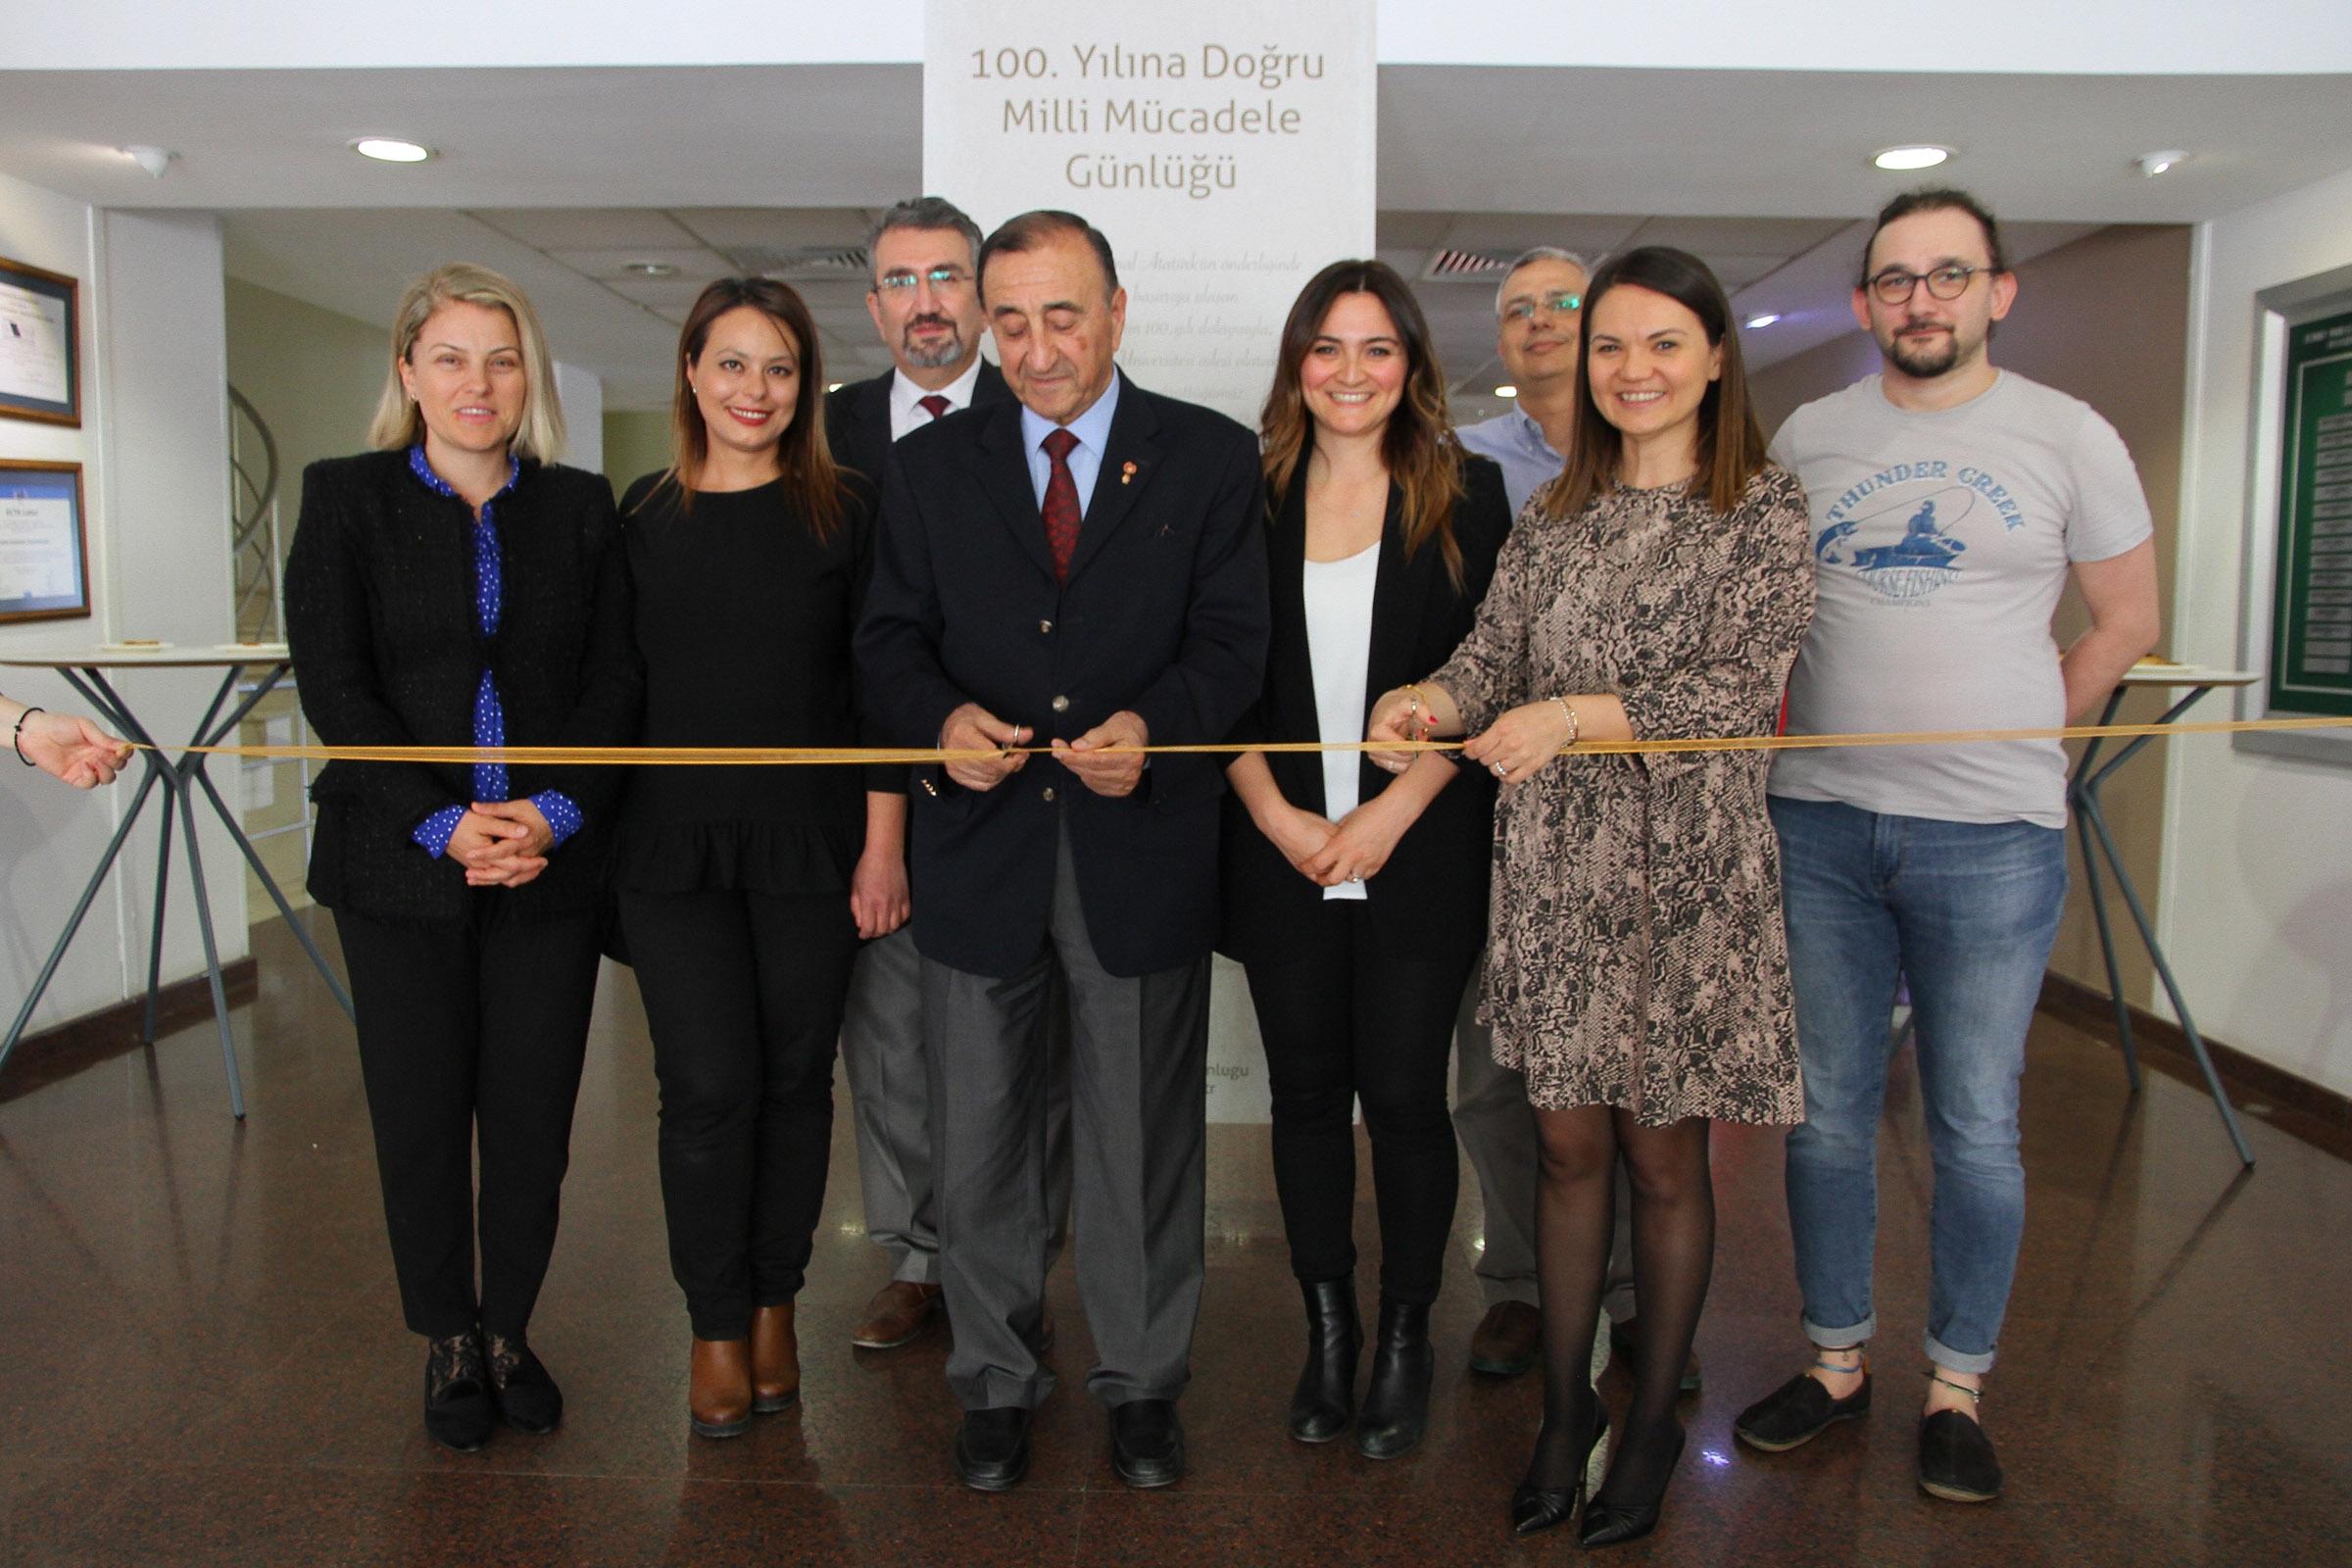 Milli Mücadele'nin 100. yılı İzmir Ekonomi'de anılıyor